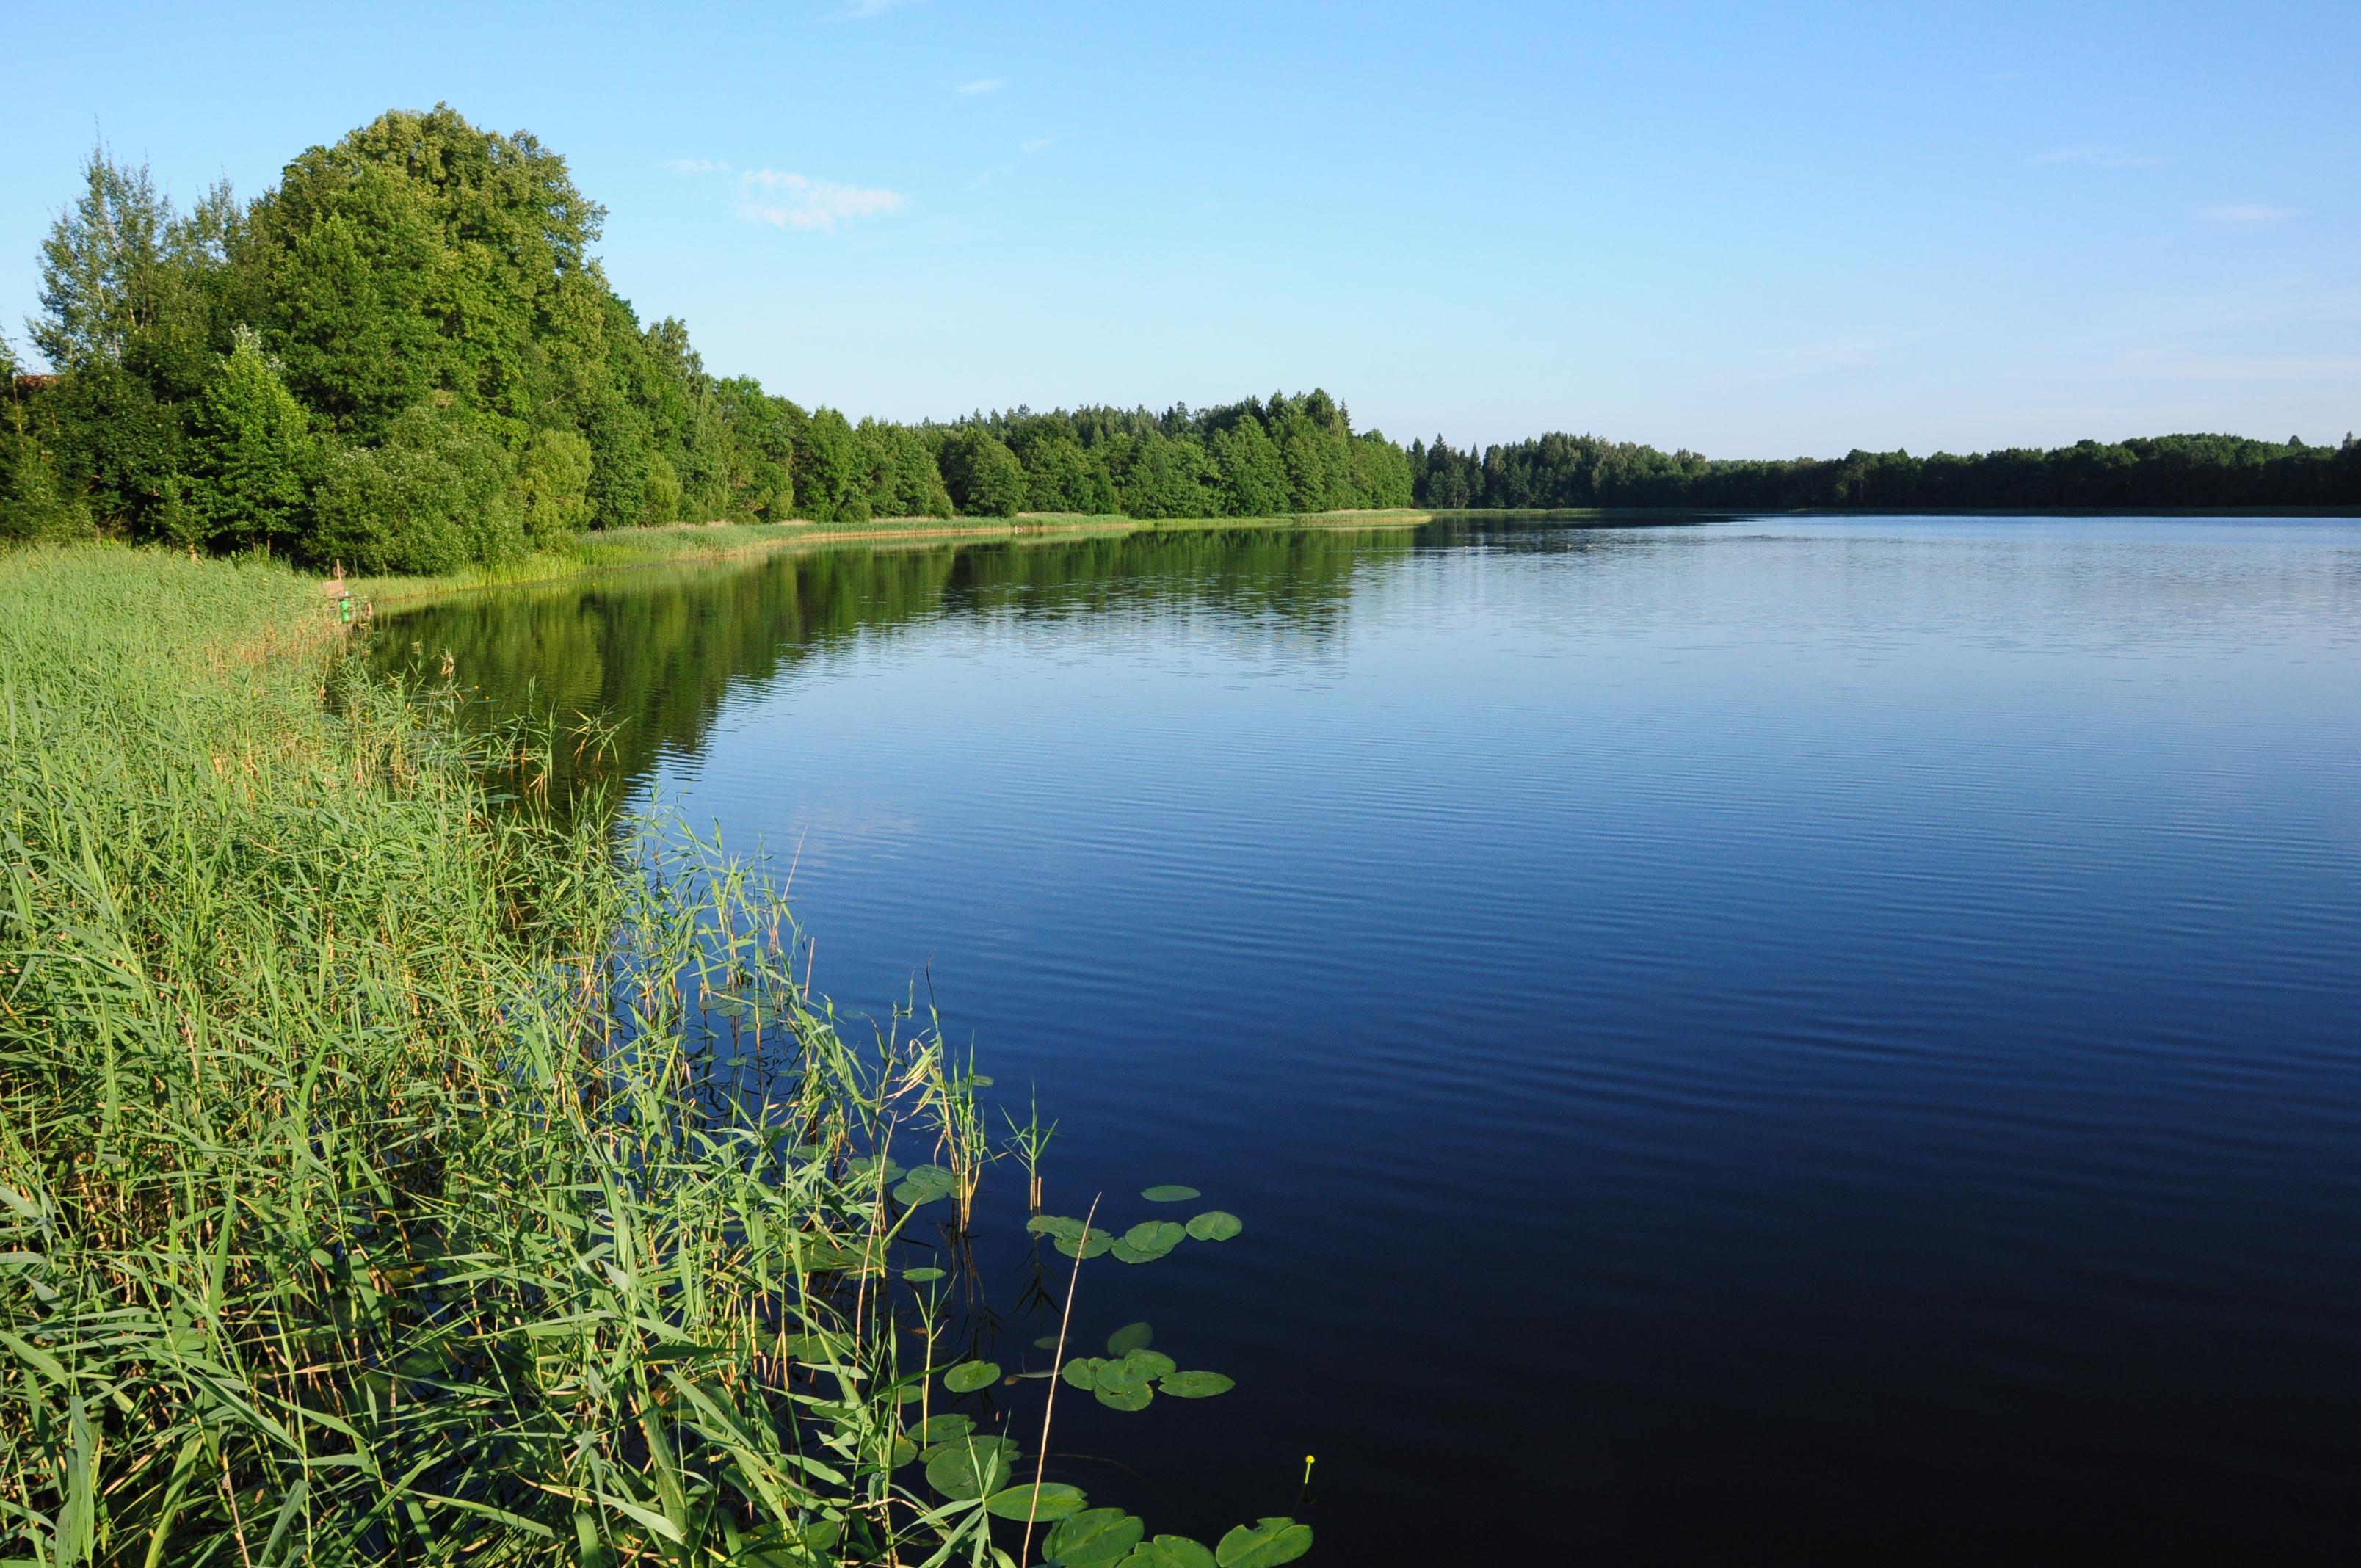 Skuteczny filtr do wody z gałązki drzewa